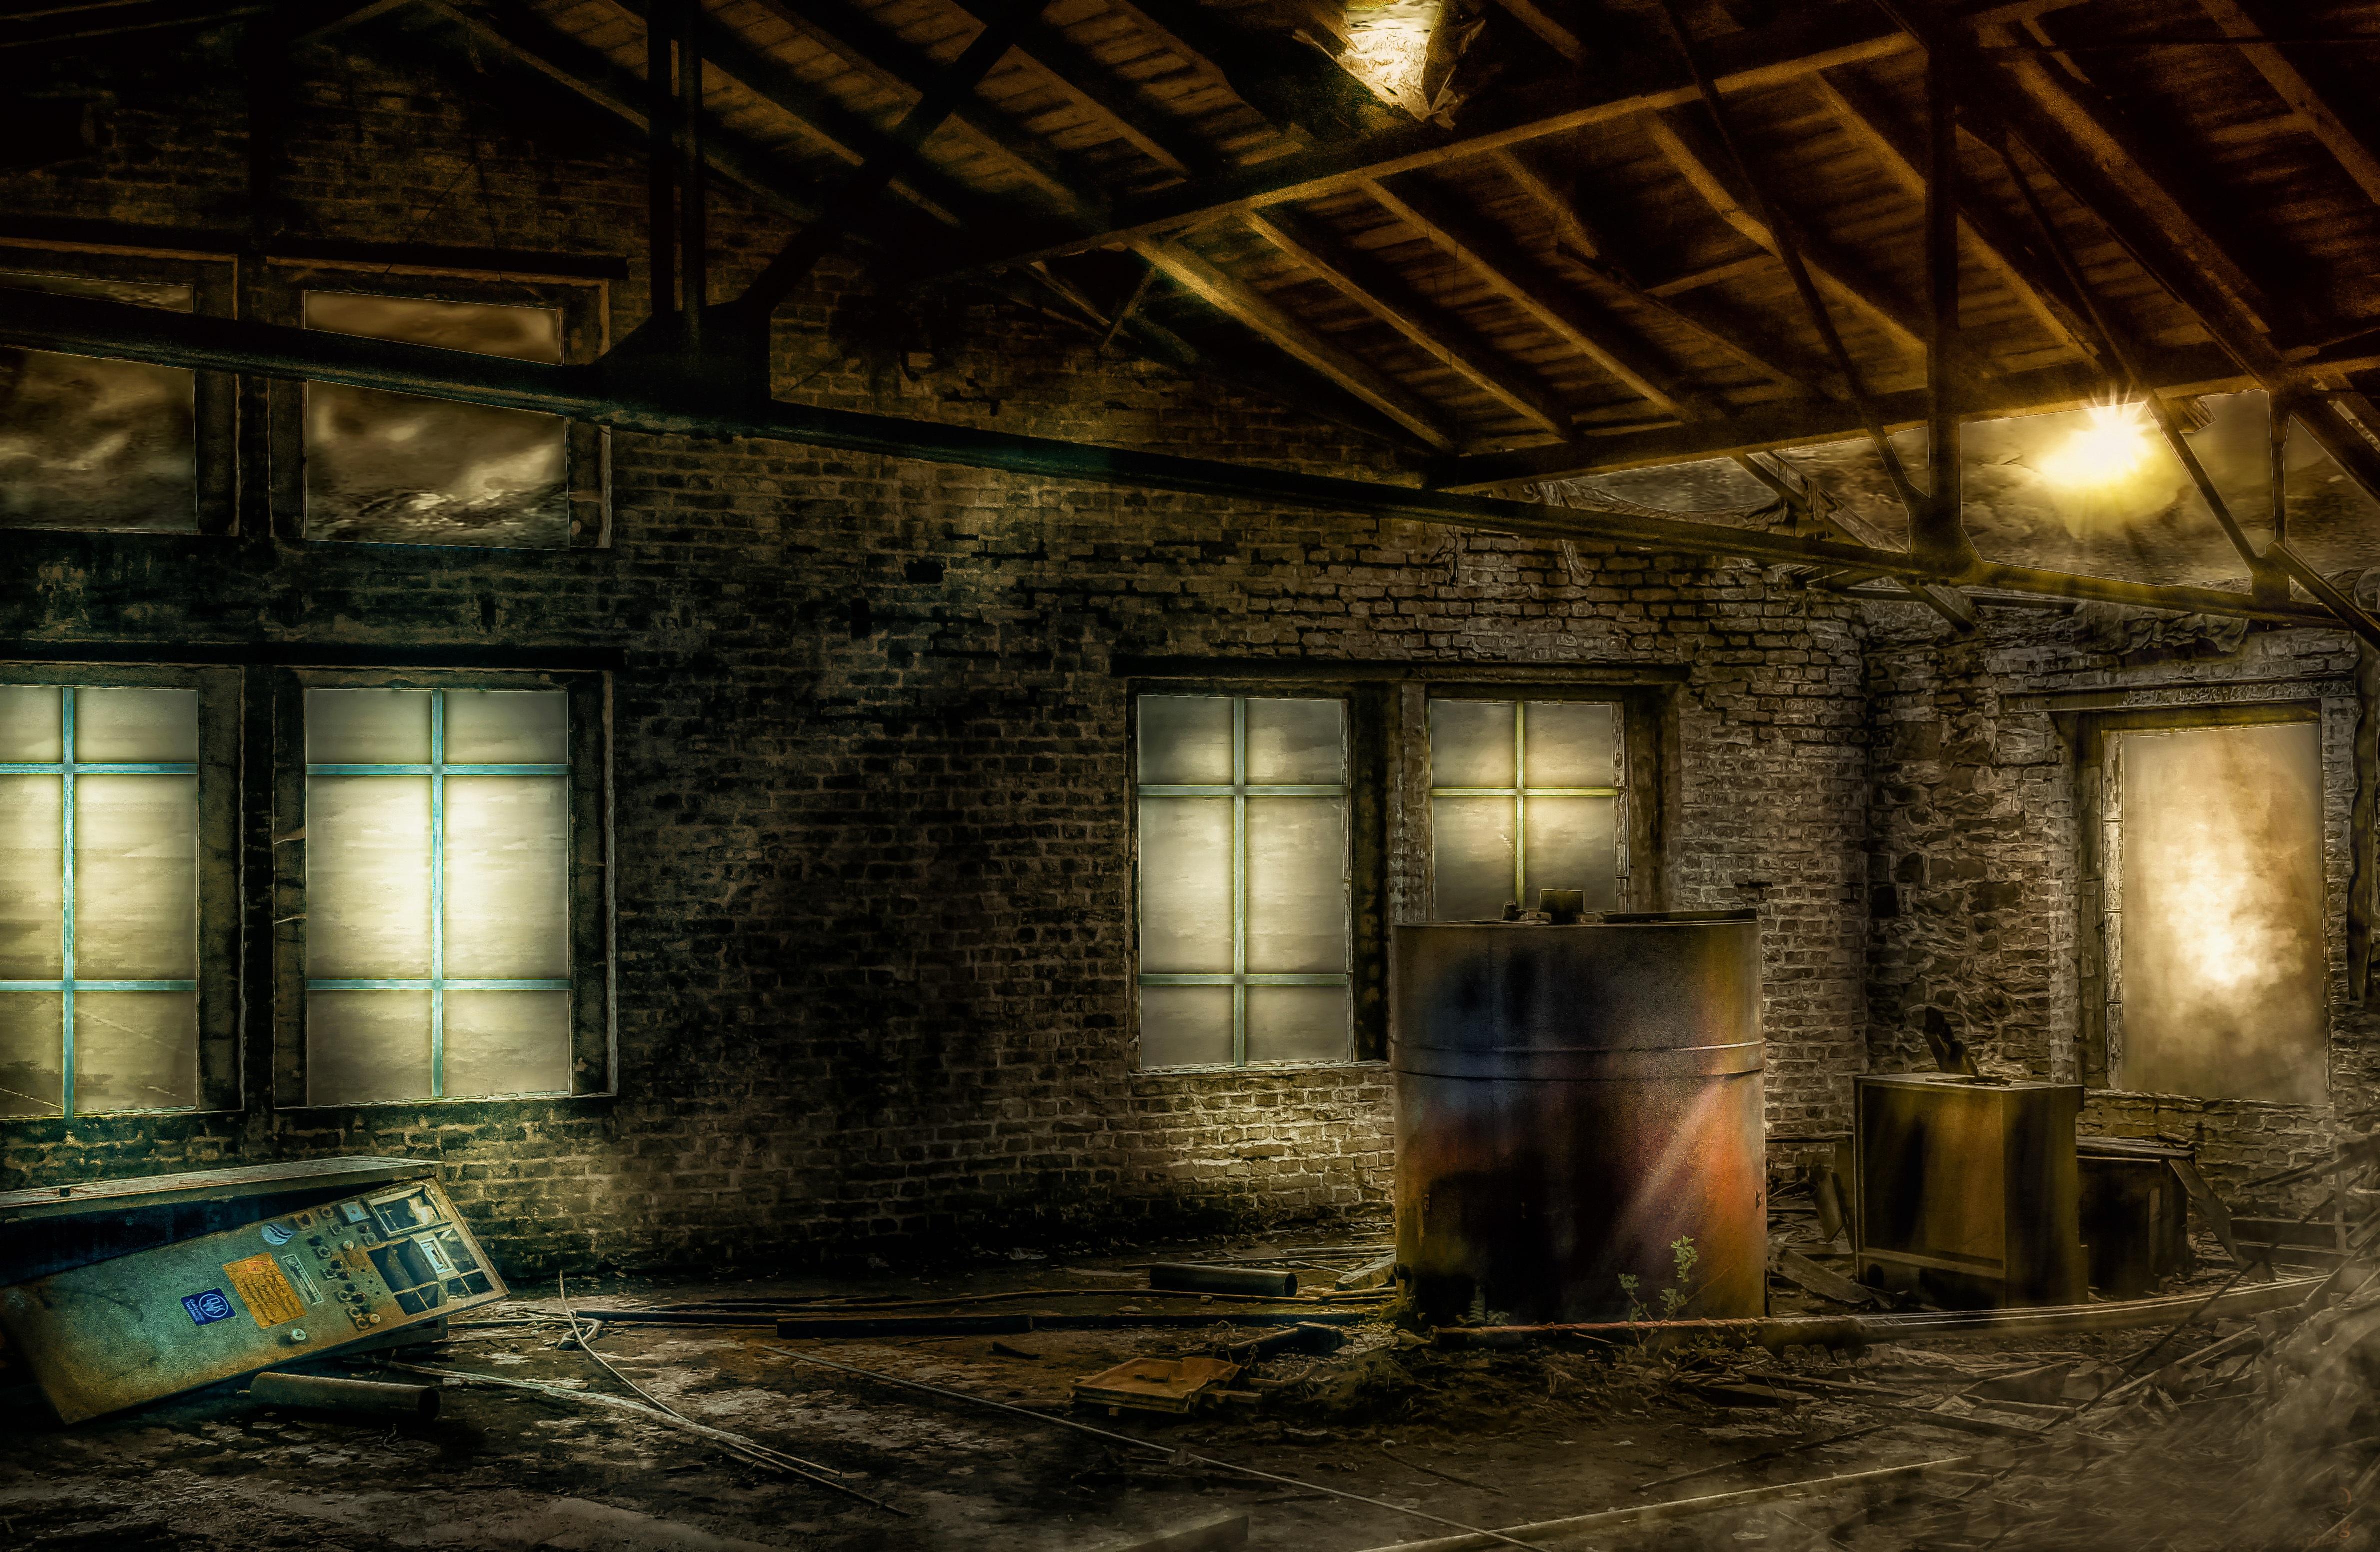 Kostenlose Foto : Licht, Nacht , Verlassen, Dunkelheit, Geheimnisvoll,  Immobilien, Bildschirmfoto, Standorte, Pc Spiel 4760x3103